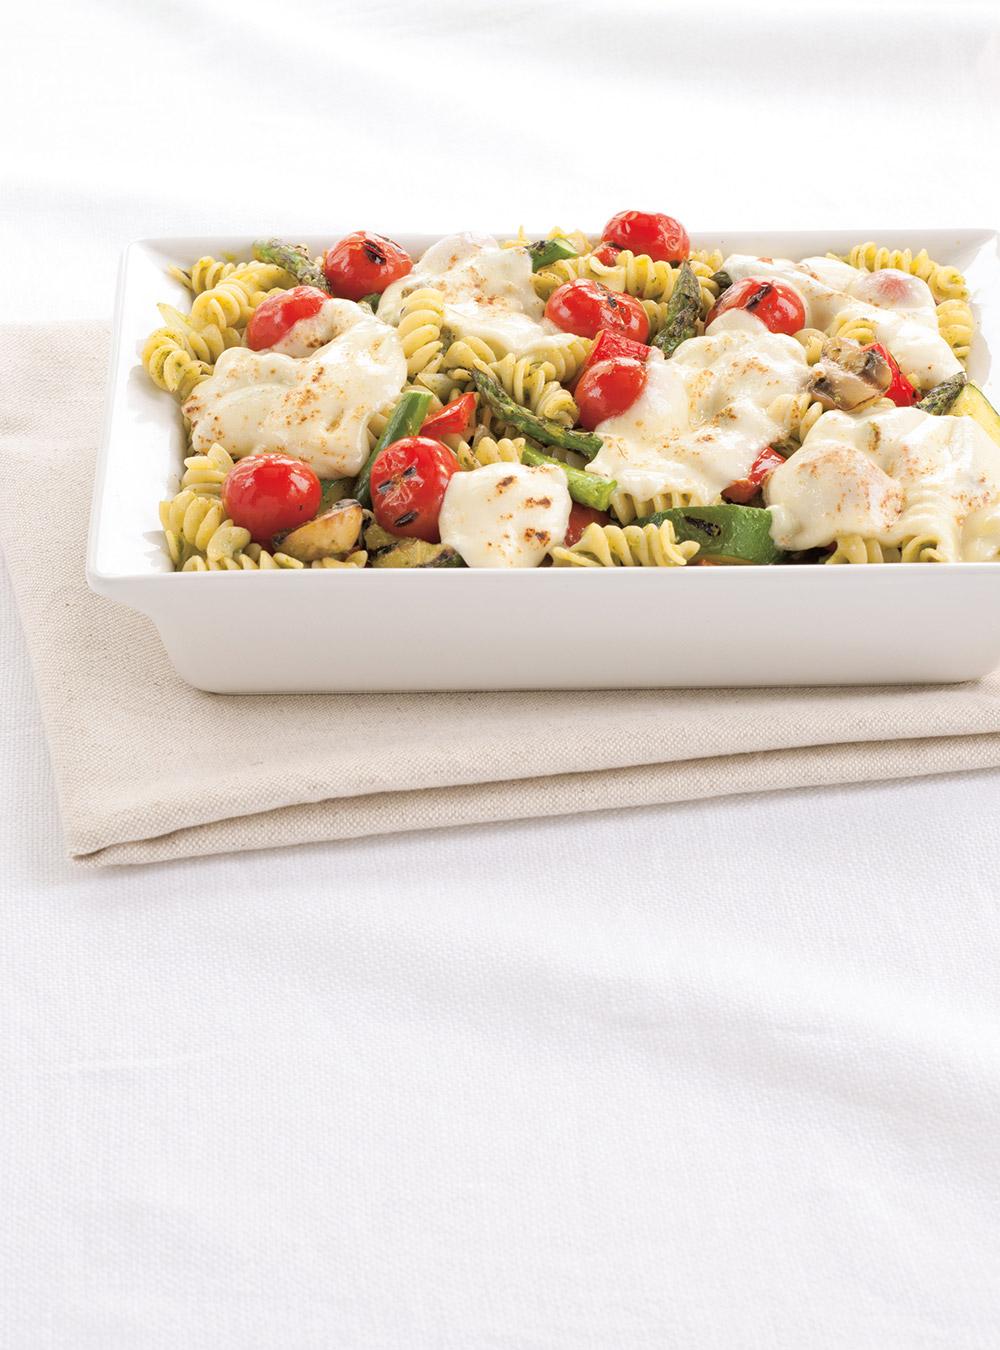 Rotinis aux légumes grillés gratinés à la mozzarella fraîche   ricardo